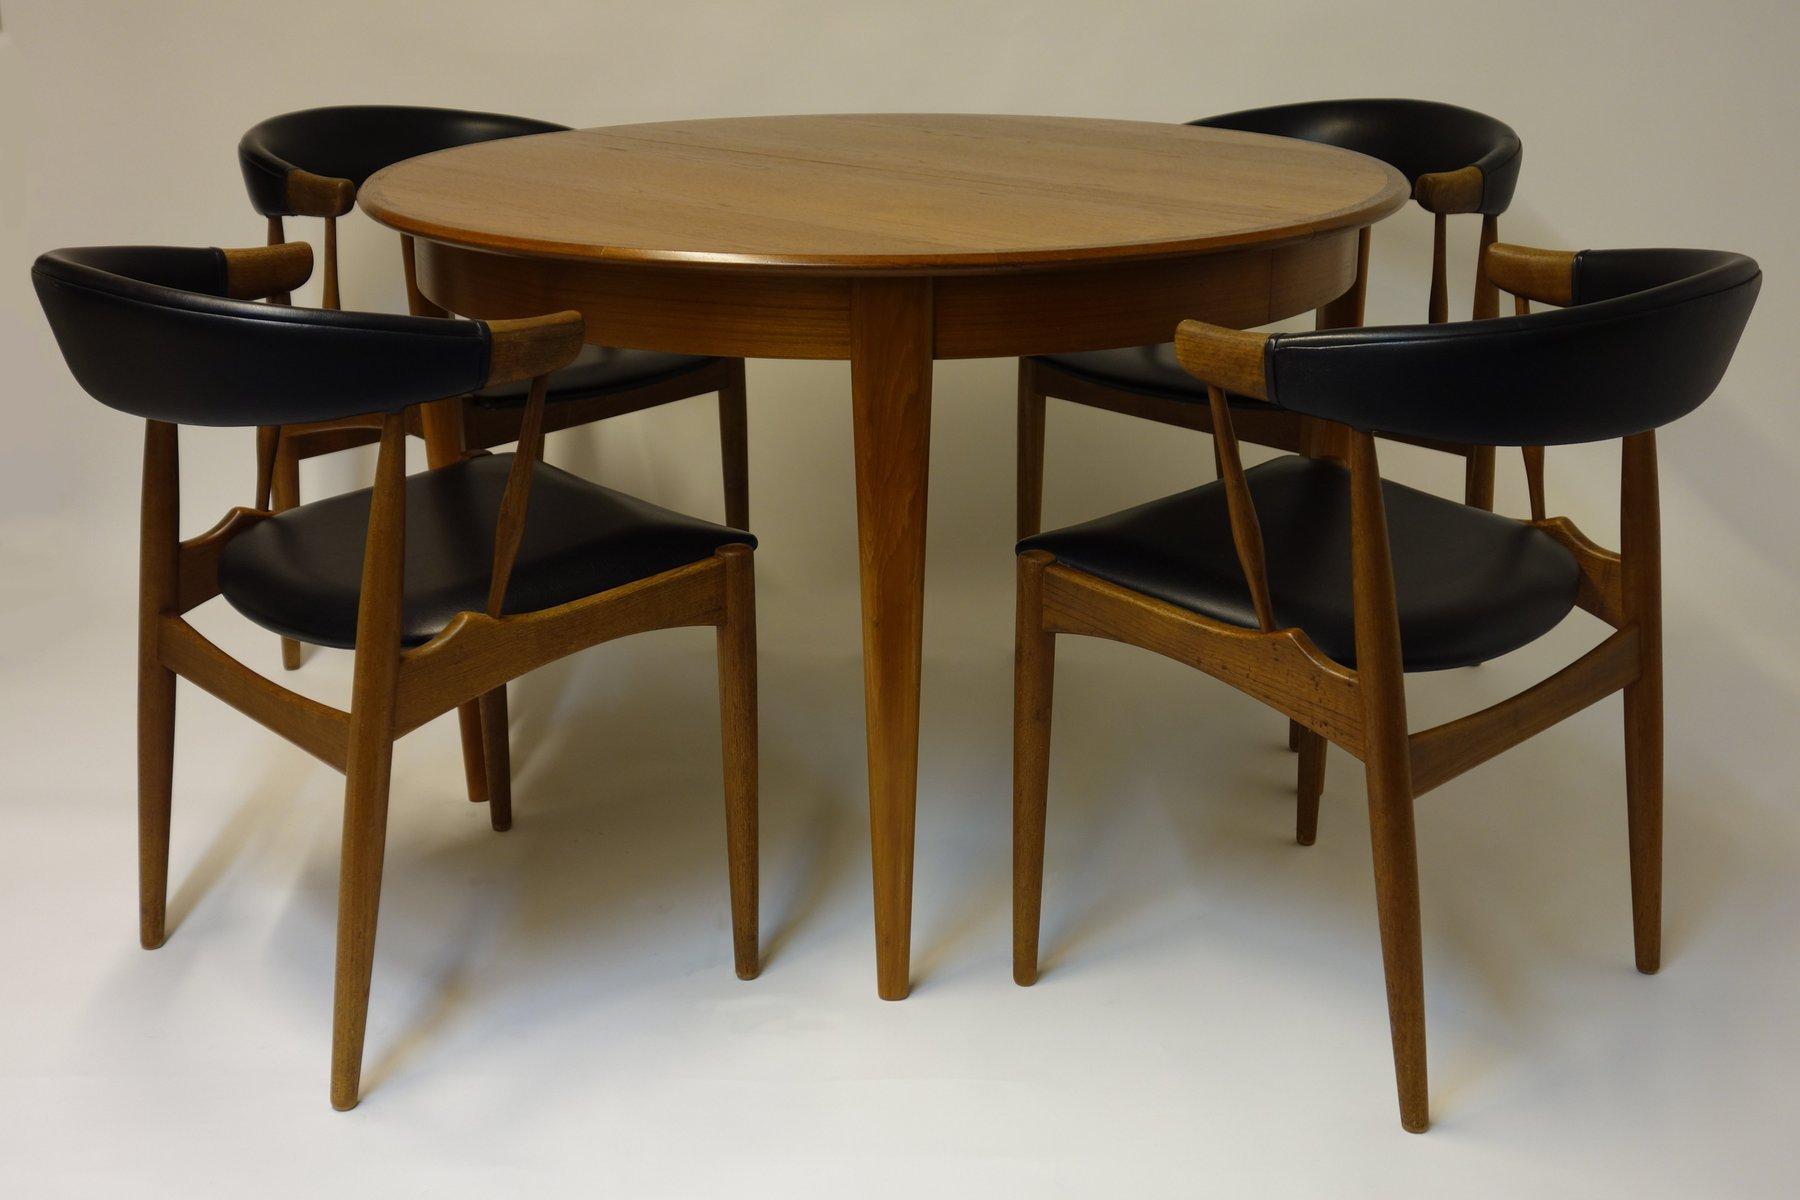 Tavolo da pranzo allungabile con 4 sedie di brdr andersen for Tavolo allungabile con sedie